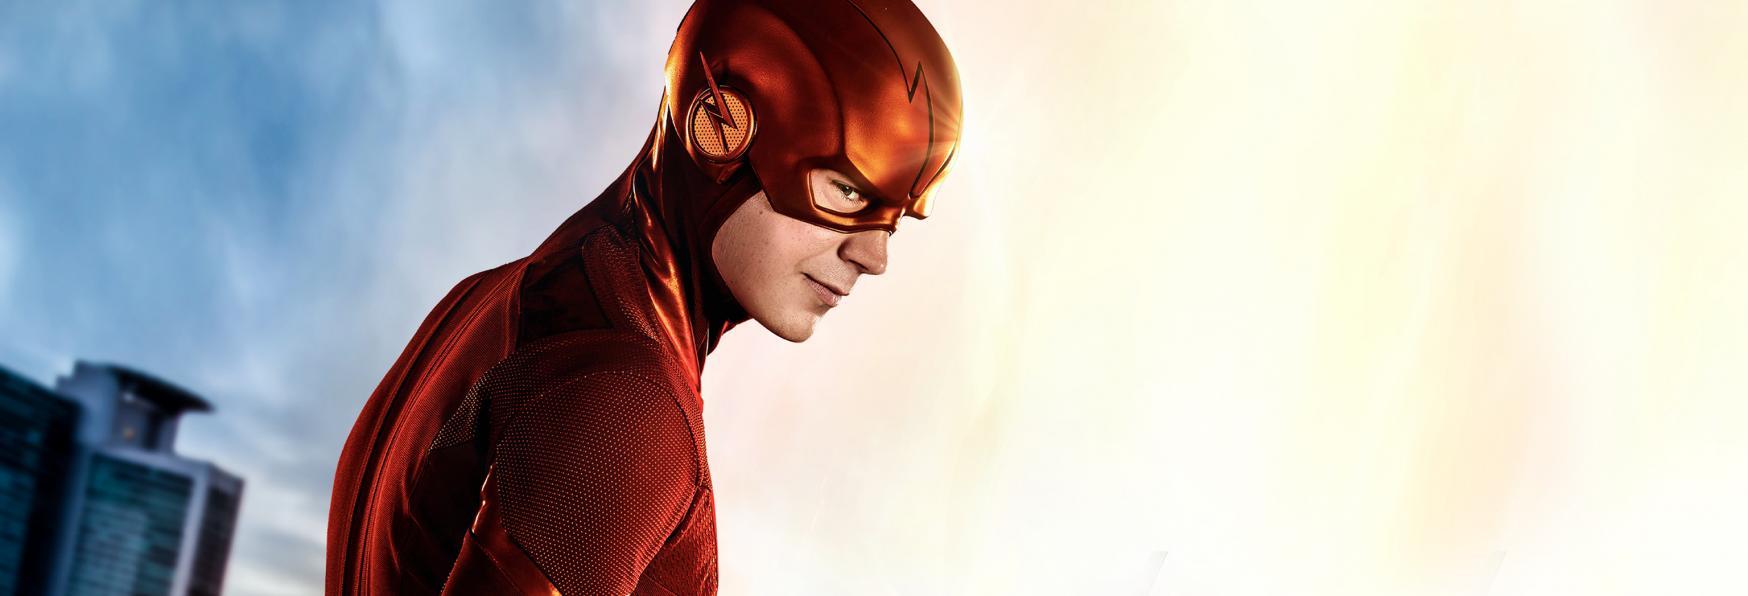 The Flash 7: Rilasciato il Trailer Ufficiale della Nuova Stagione